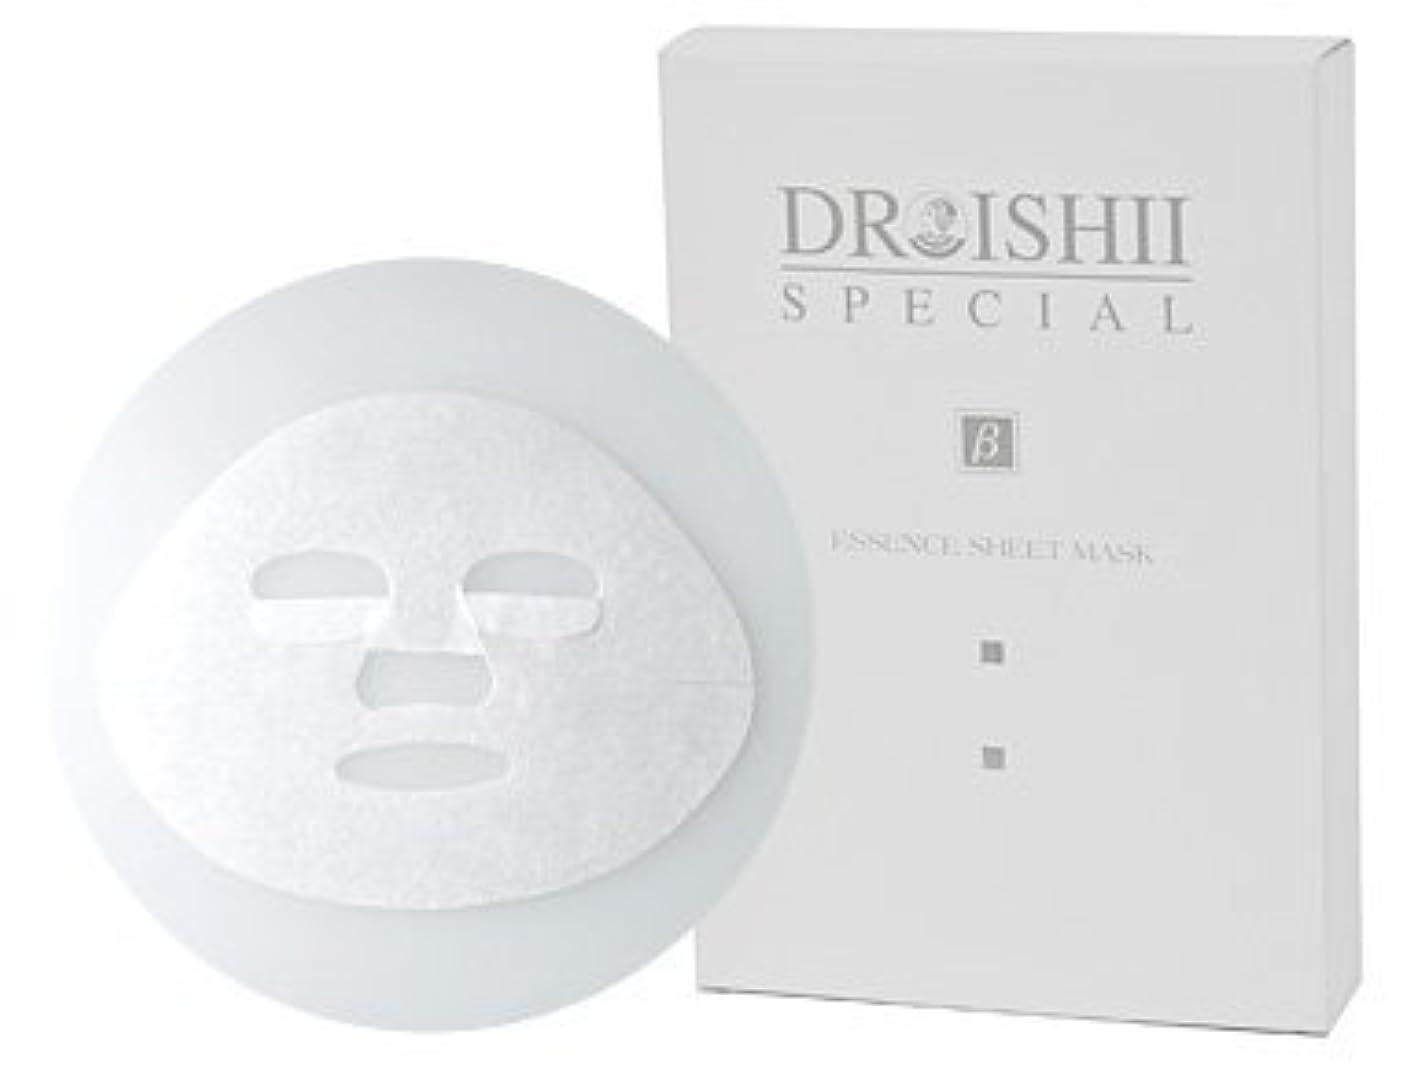 必需品パーティション最小MD化粧品 DR ISHII スペシャルβ エッセンスシートマスク 6枚